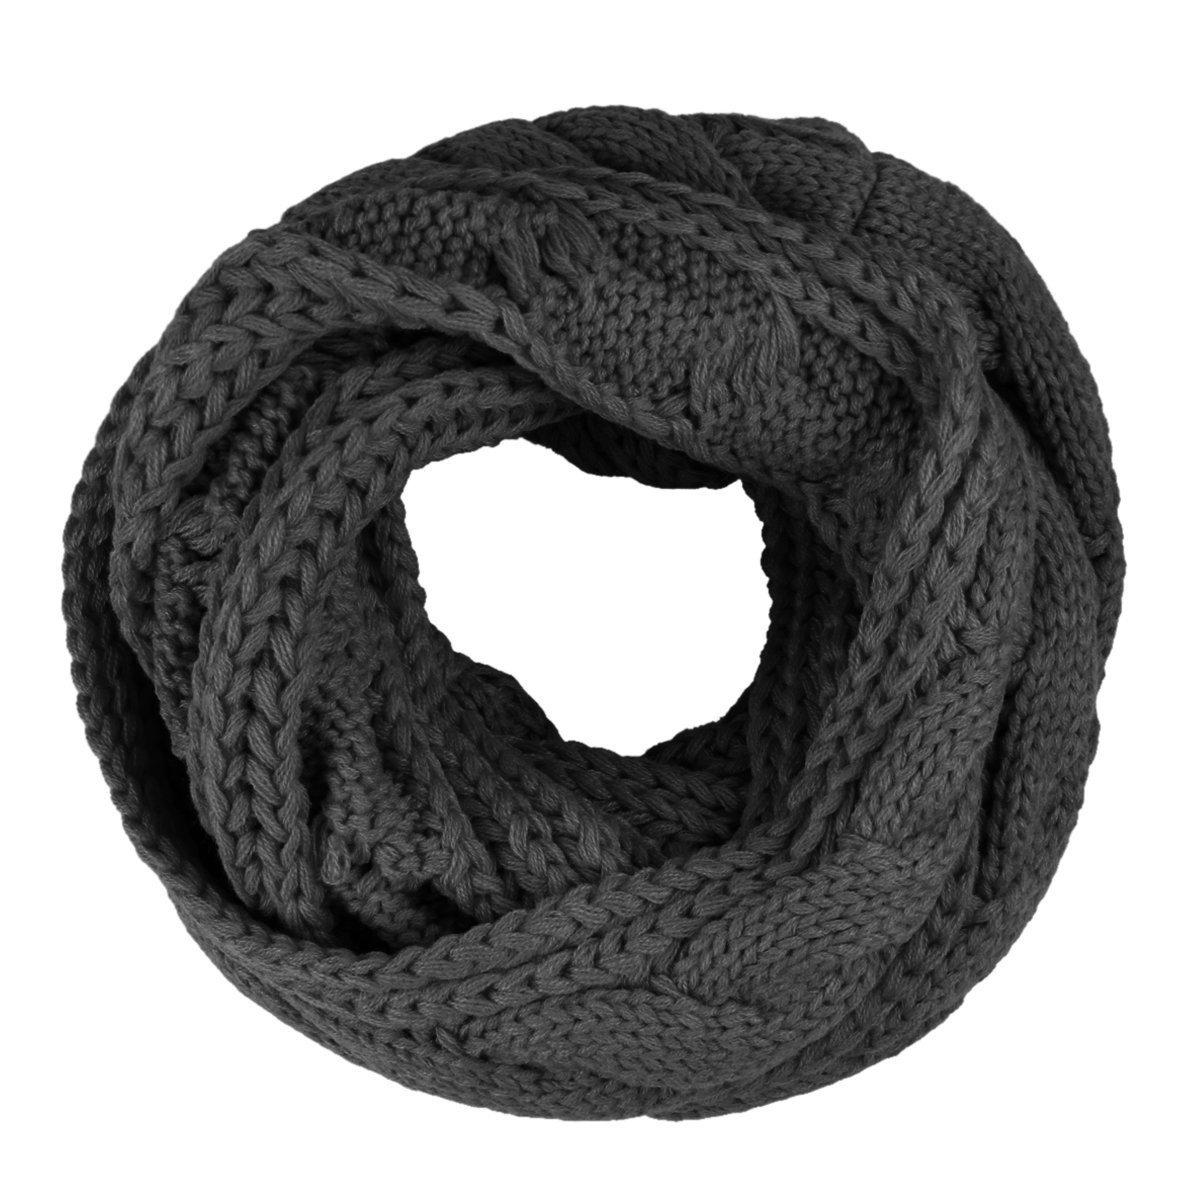 TININNA Bufanda Unisex, Otoño Invierno Cálida Circle Bufanda de Abrigo de Cuello de Punto para Mujer y Hombre-Negro